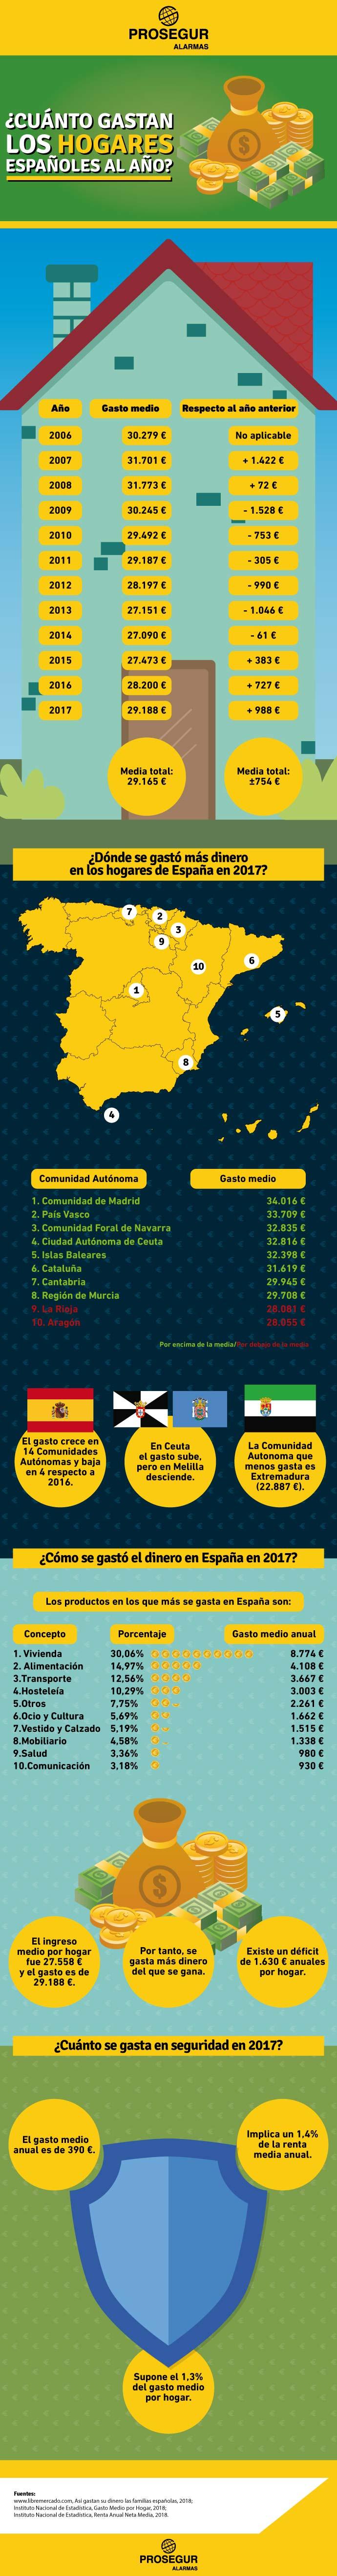 ¿Cuánto gastan los hogares españoles y en qué?